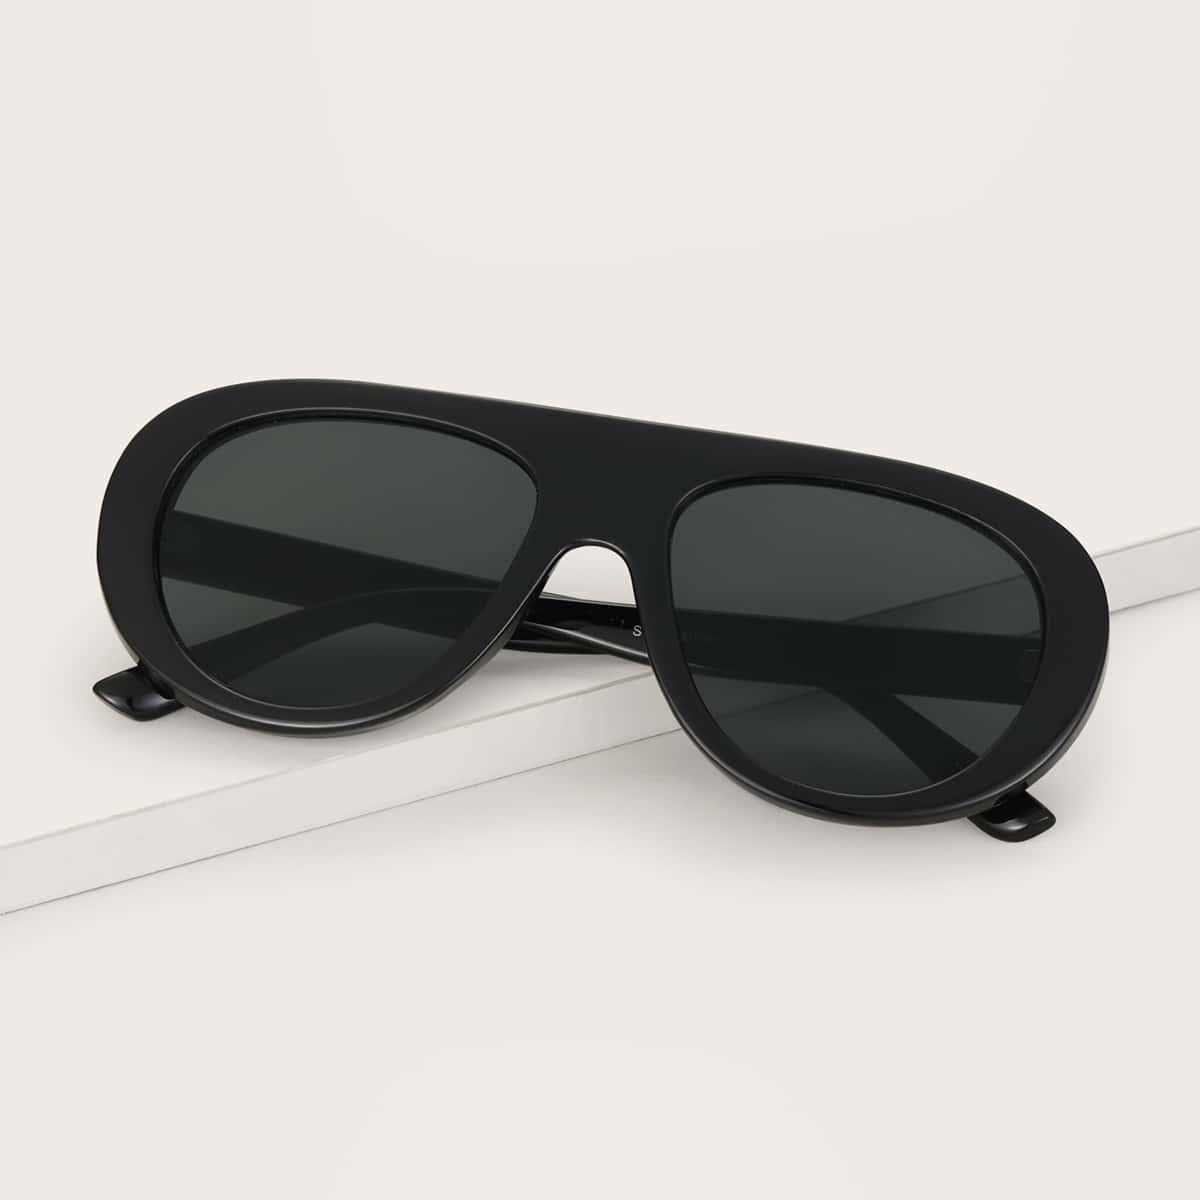 Солнечные очки с футляром фото